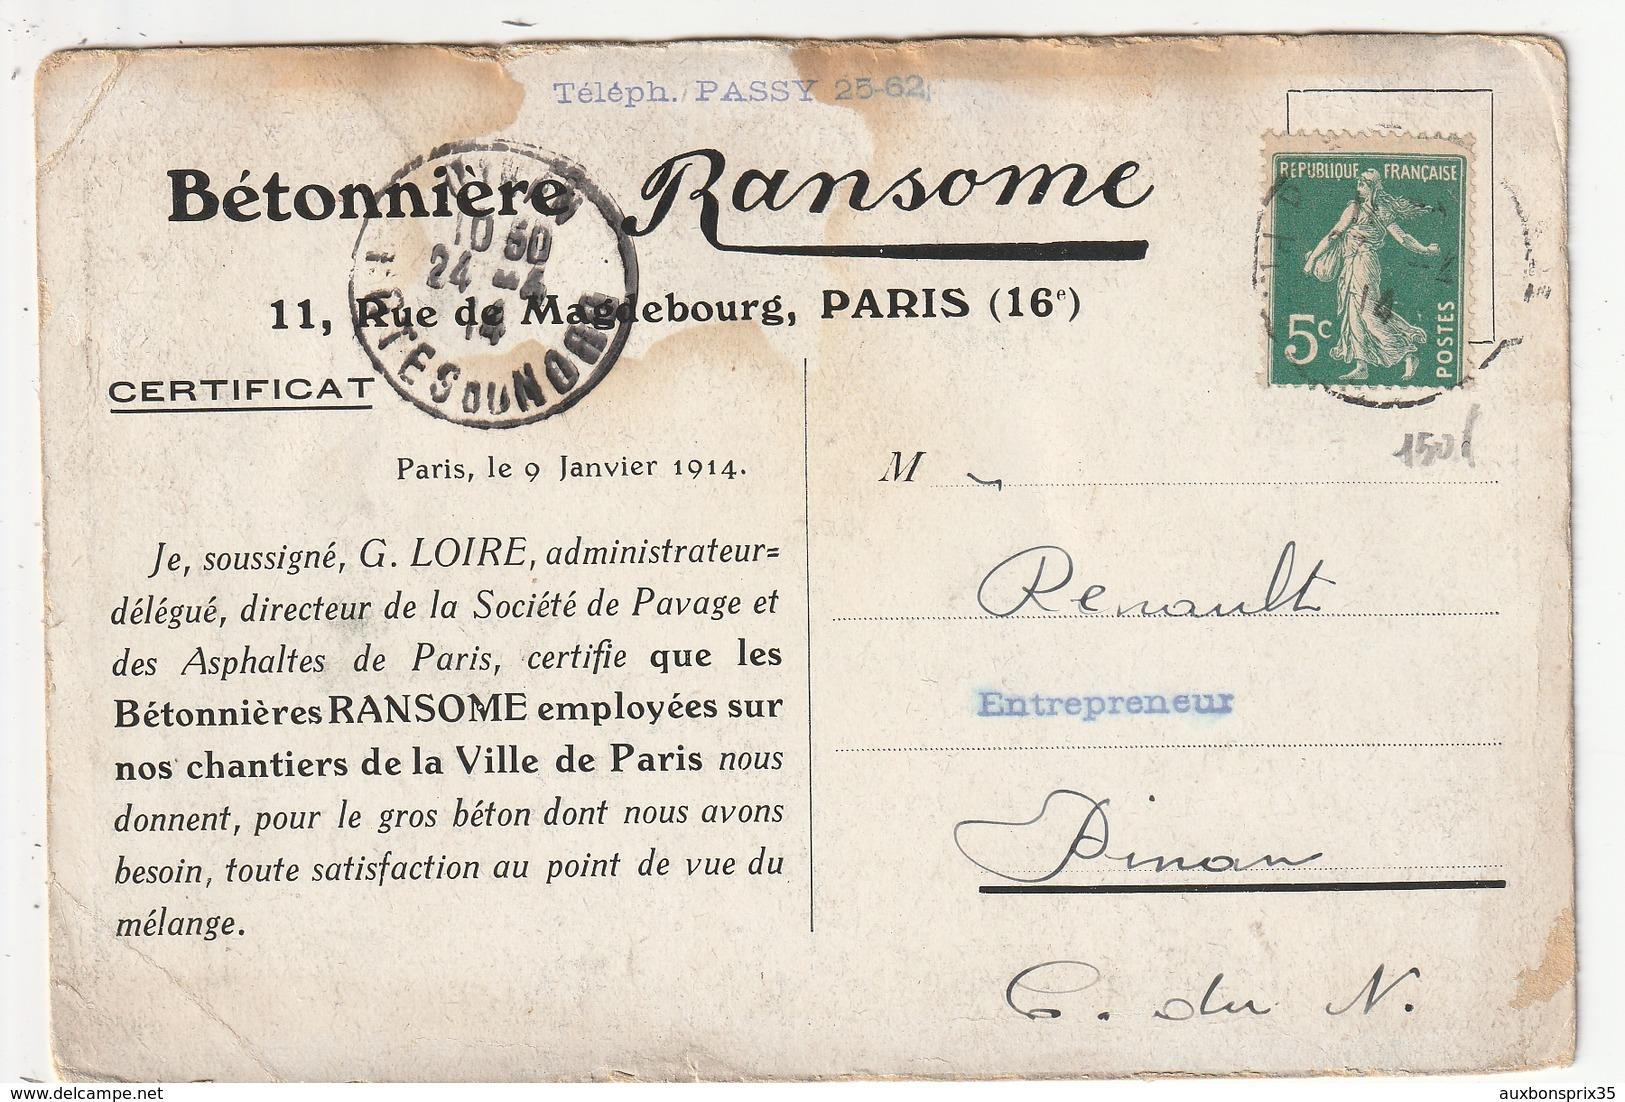 CARTE PUBLICITAIRE - PARIS - BETONNIERE RANSOME - 11 RUE DE MAGDEBOURG - 75 - France